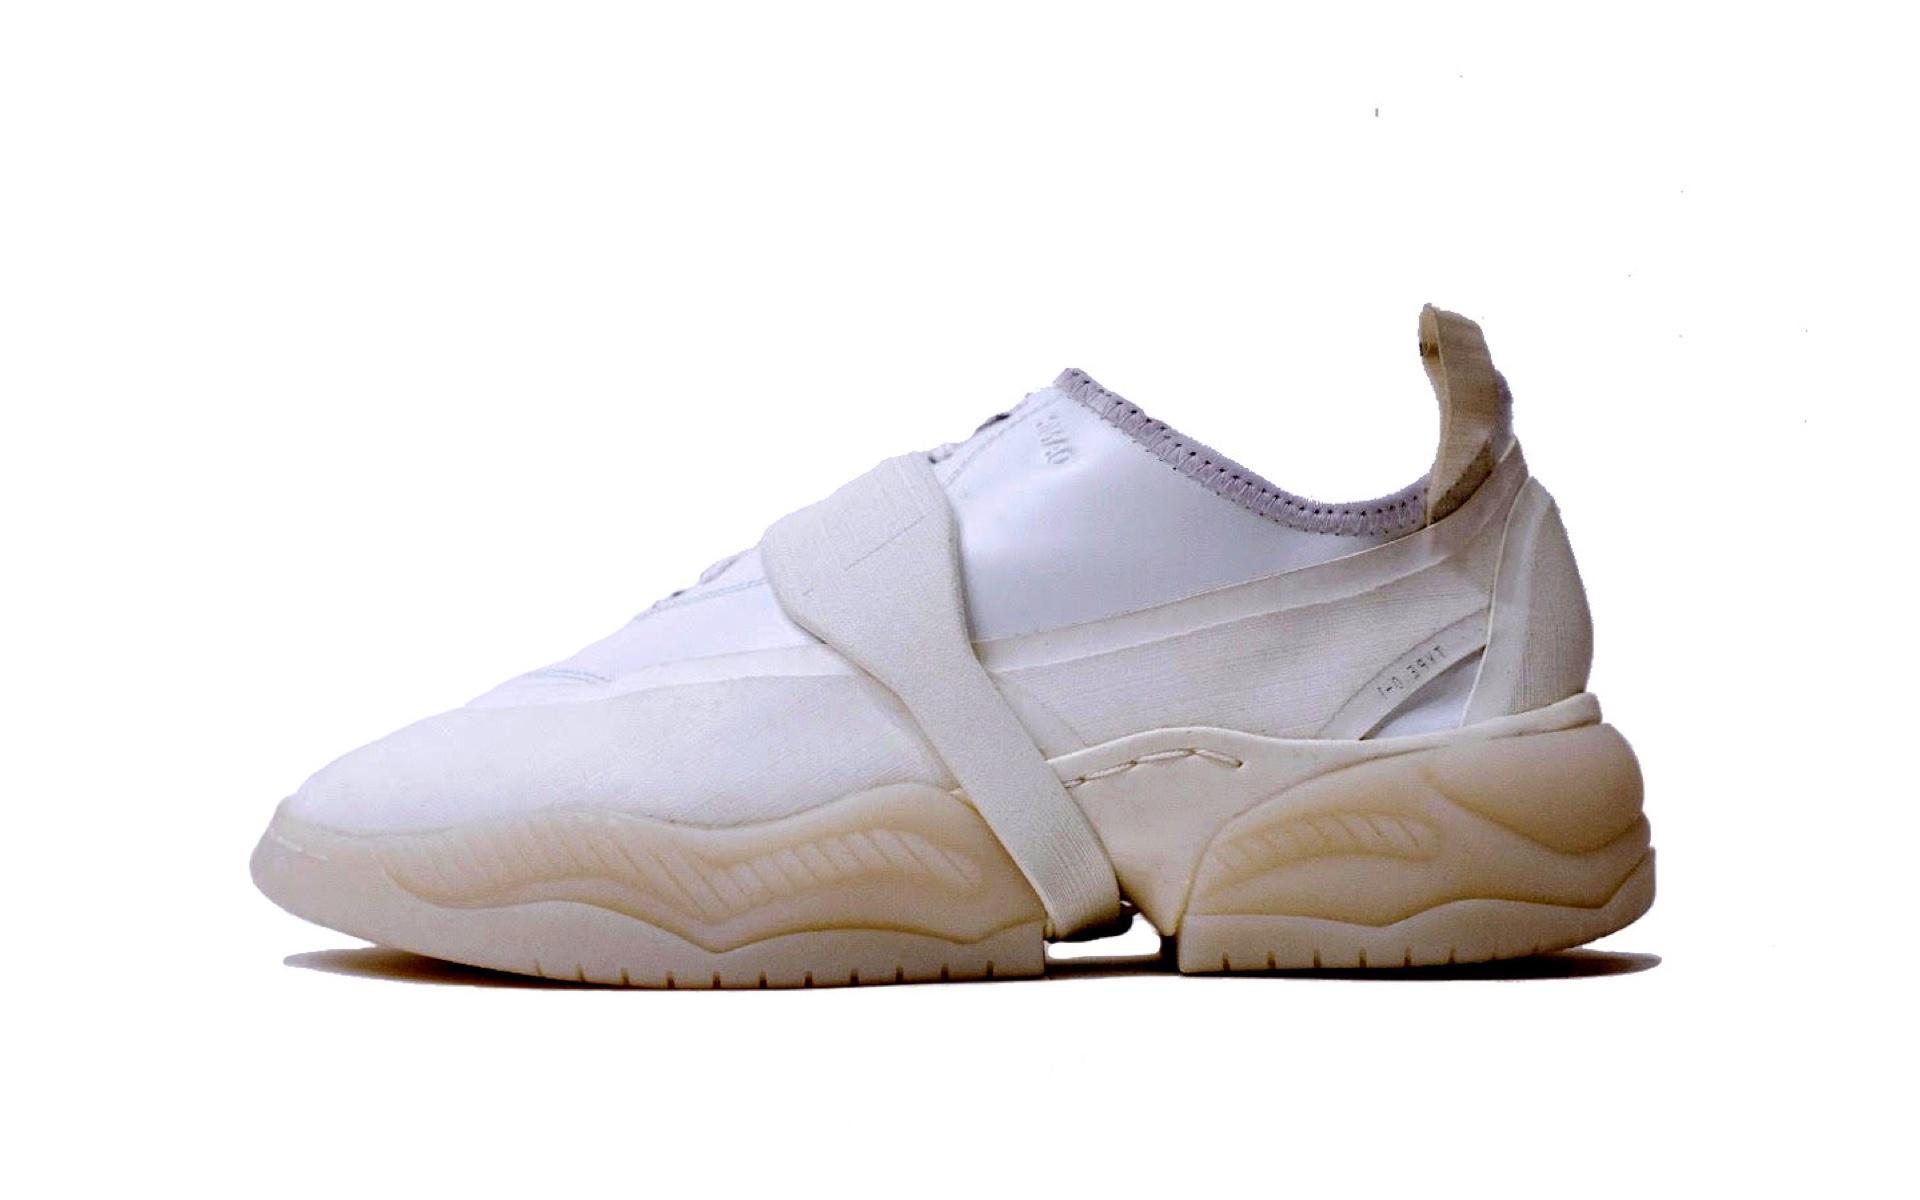 OAMC x adidas Originals Type 01